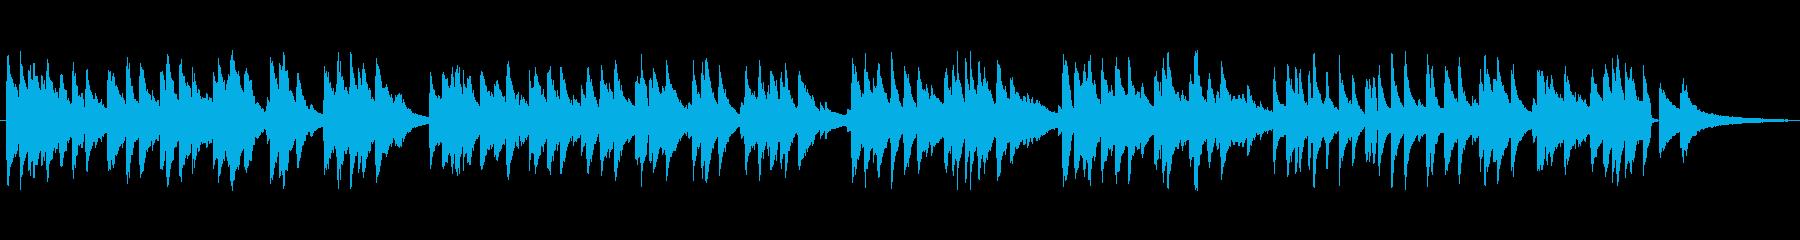 ゆっくりめジャズ風ラウンジピアノソロの再生済みの波形